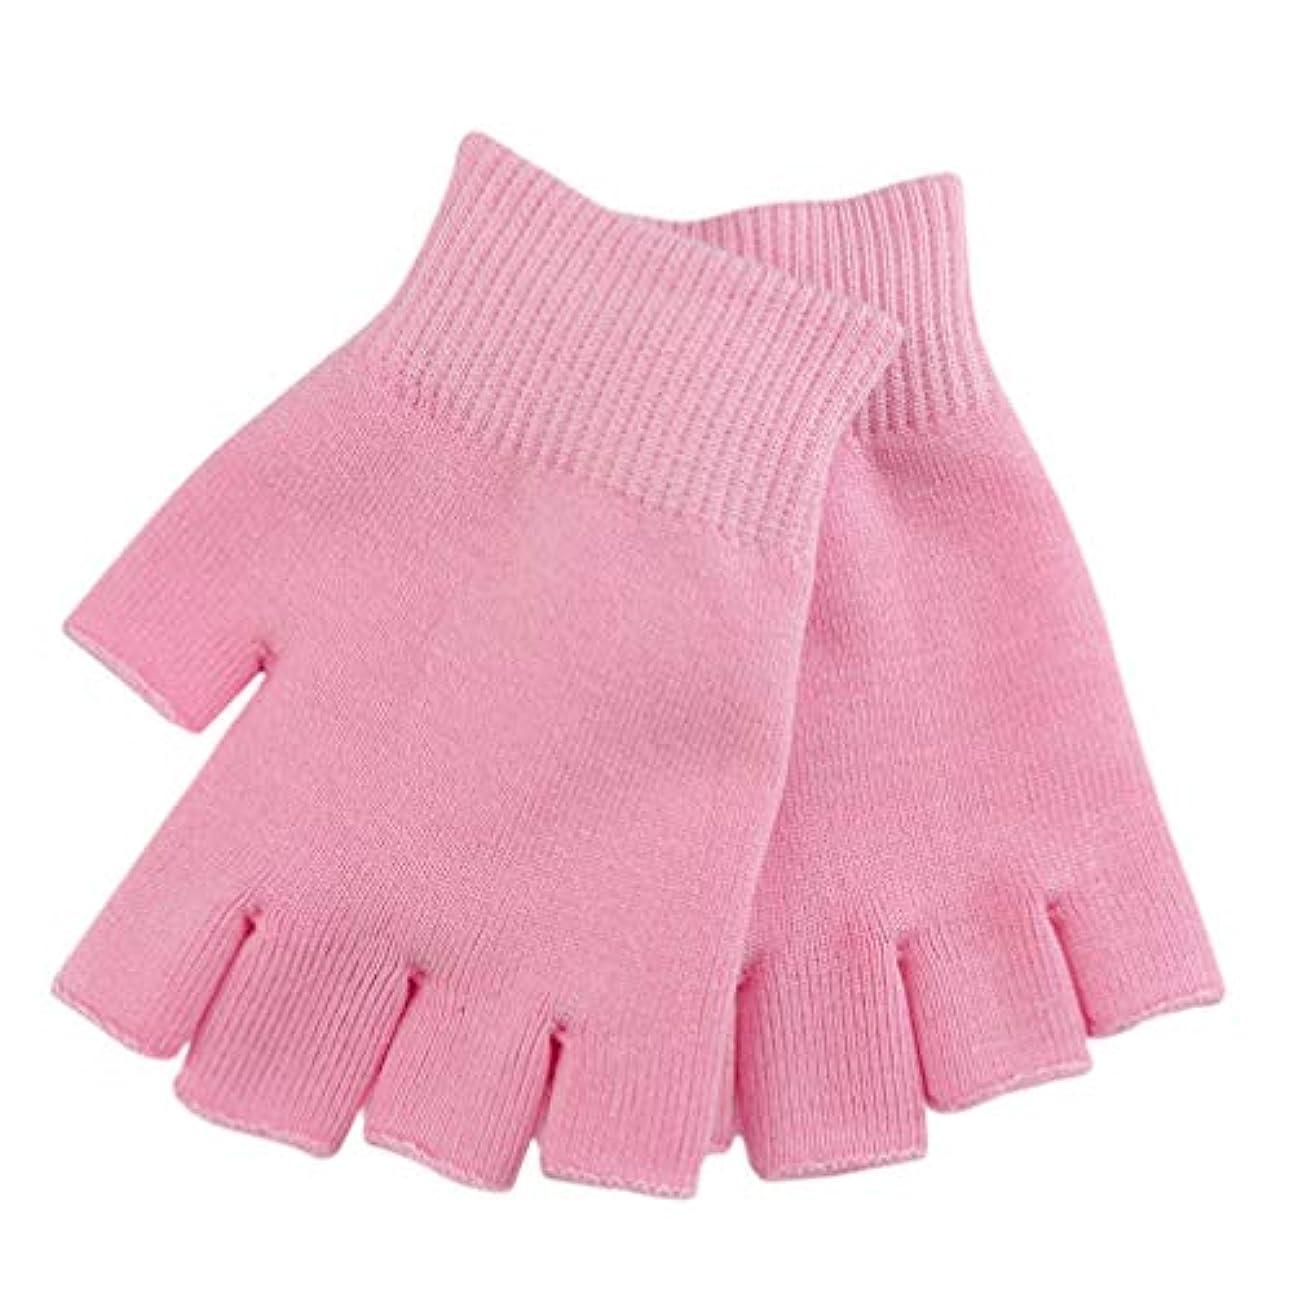 要求運営チャームHealifty 指なし 保湿 手袋 手荒れ 対策 ハンドケア 手袋 ジェル保湿手袋